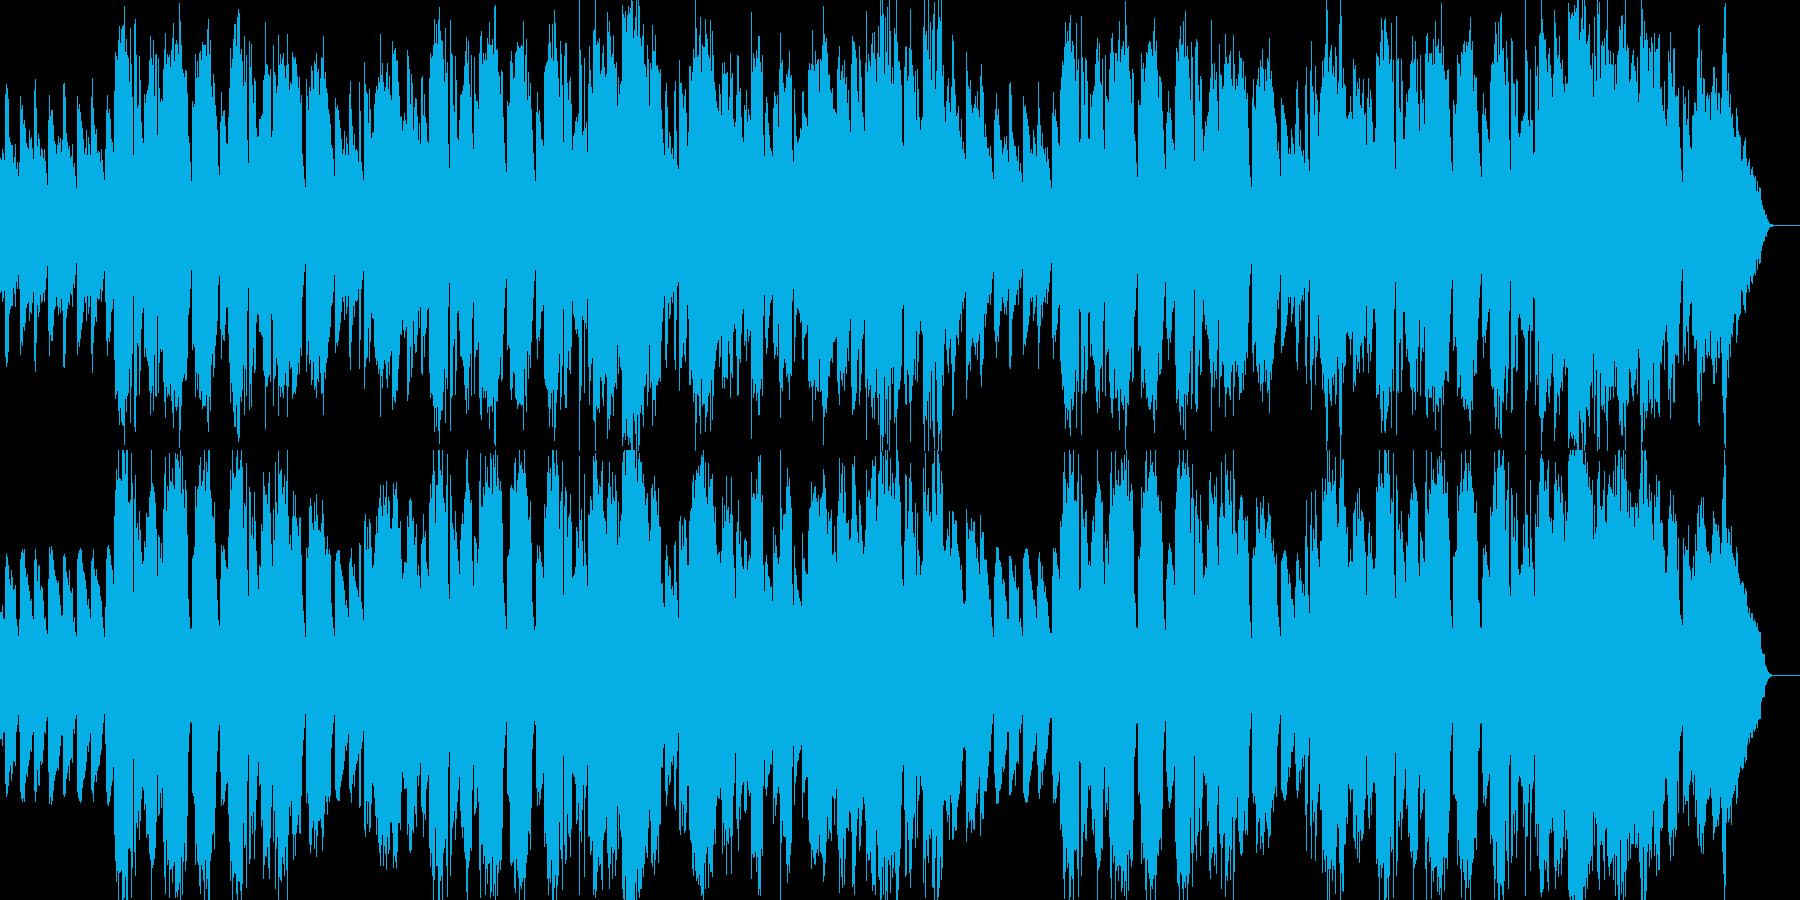 フレンチ/ワルツ/夜/ゆったり/哀愁の再生済みの波形